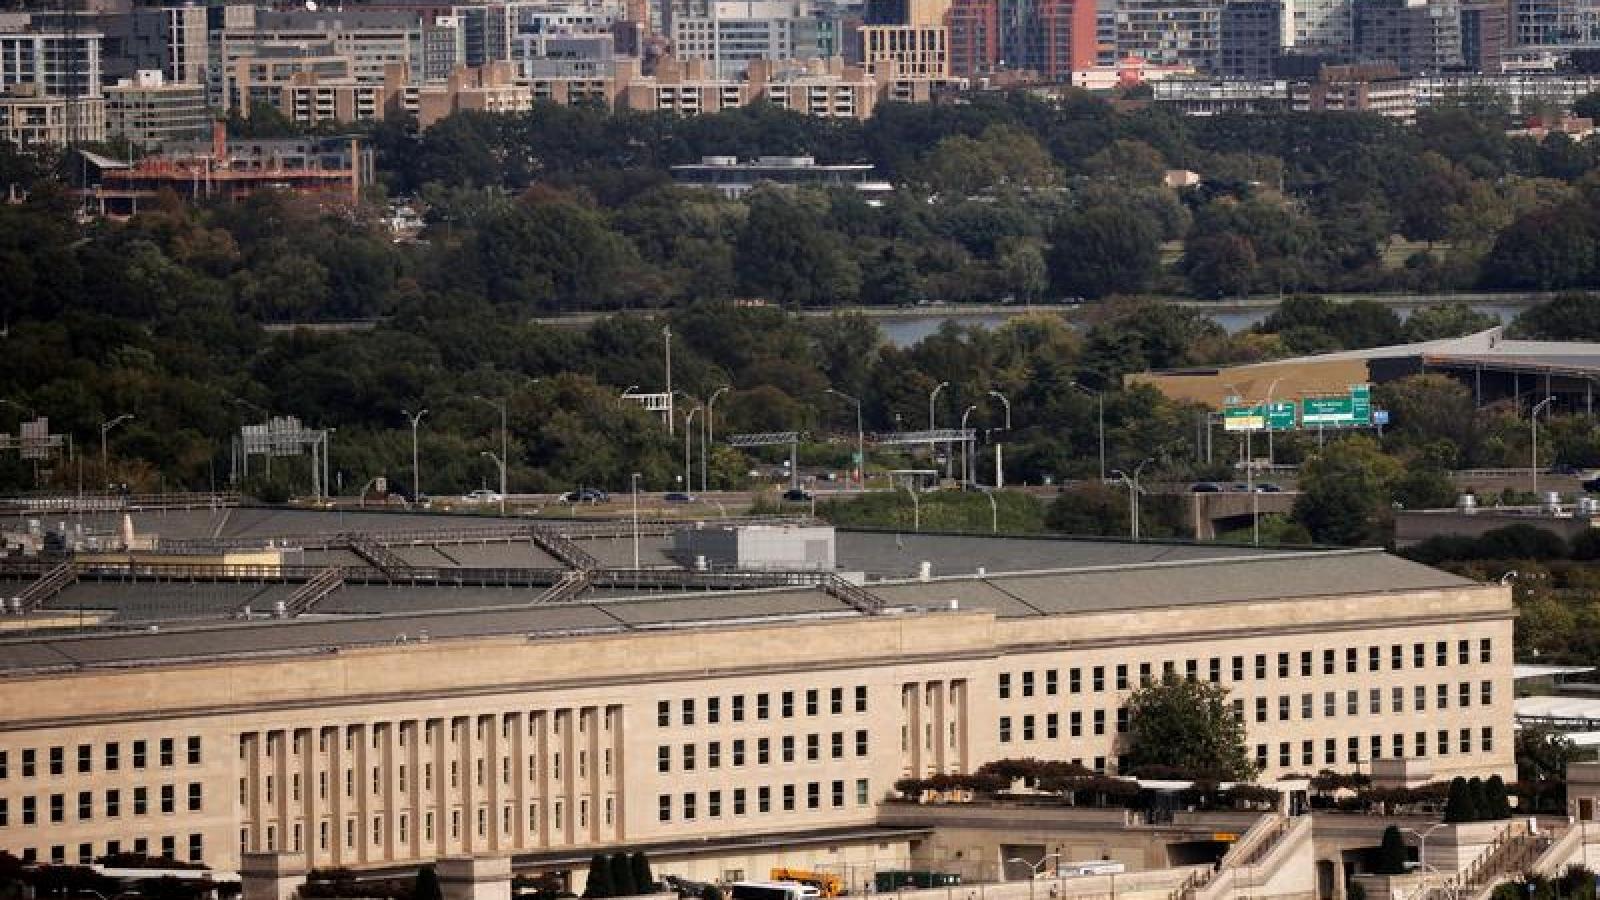 Lầu Năm Góc lo Triều Tiên tái chế nhiên liệu để sản xuất bom hạt nhân